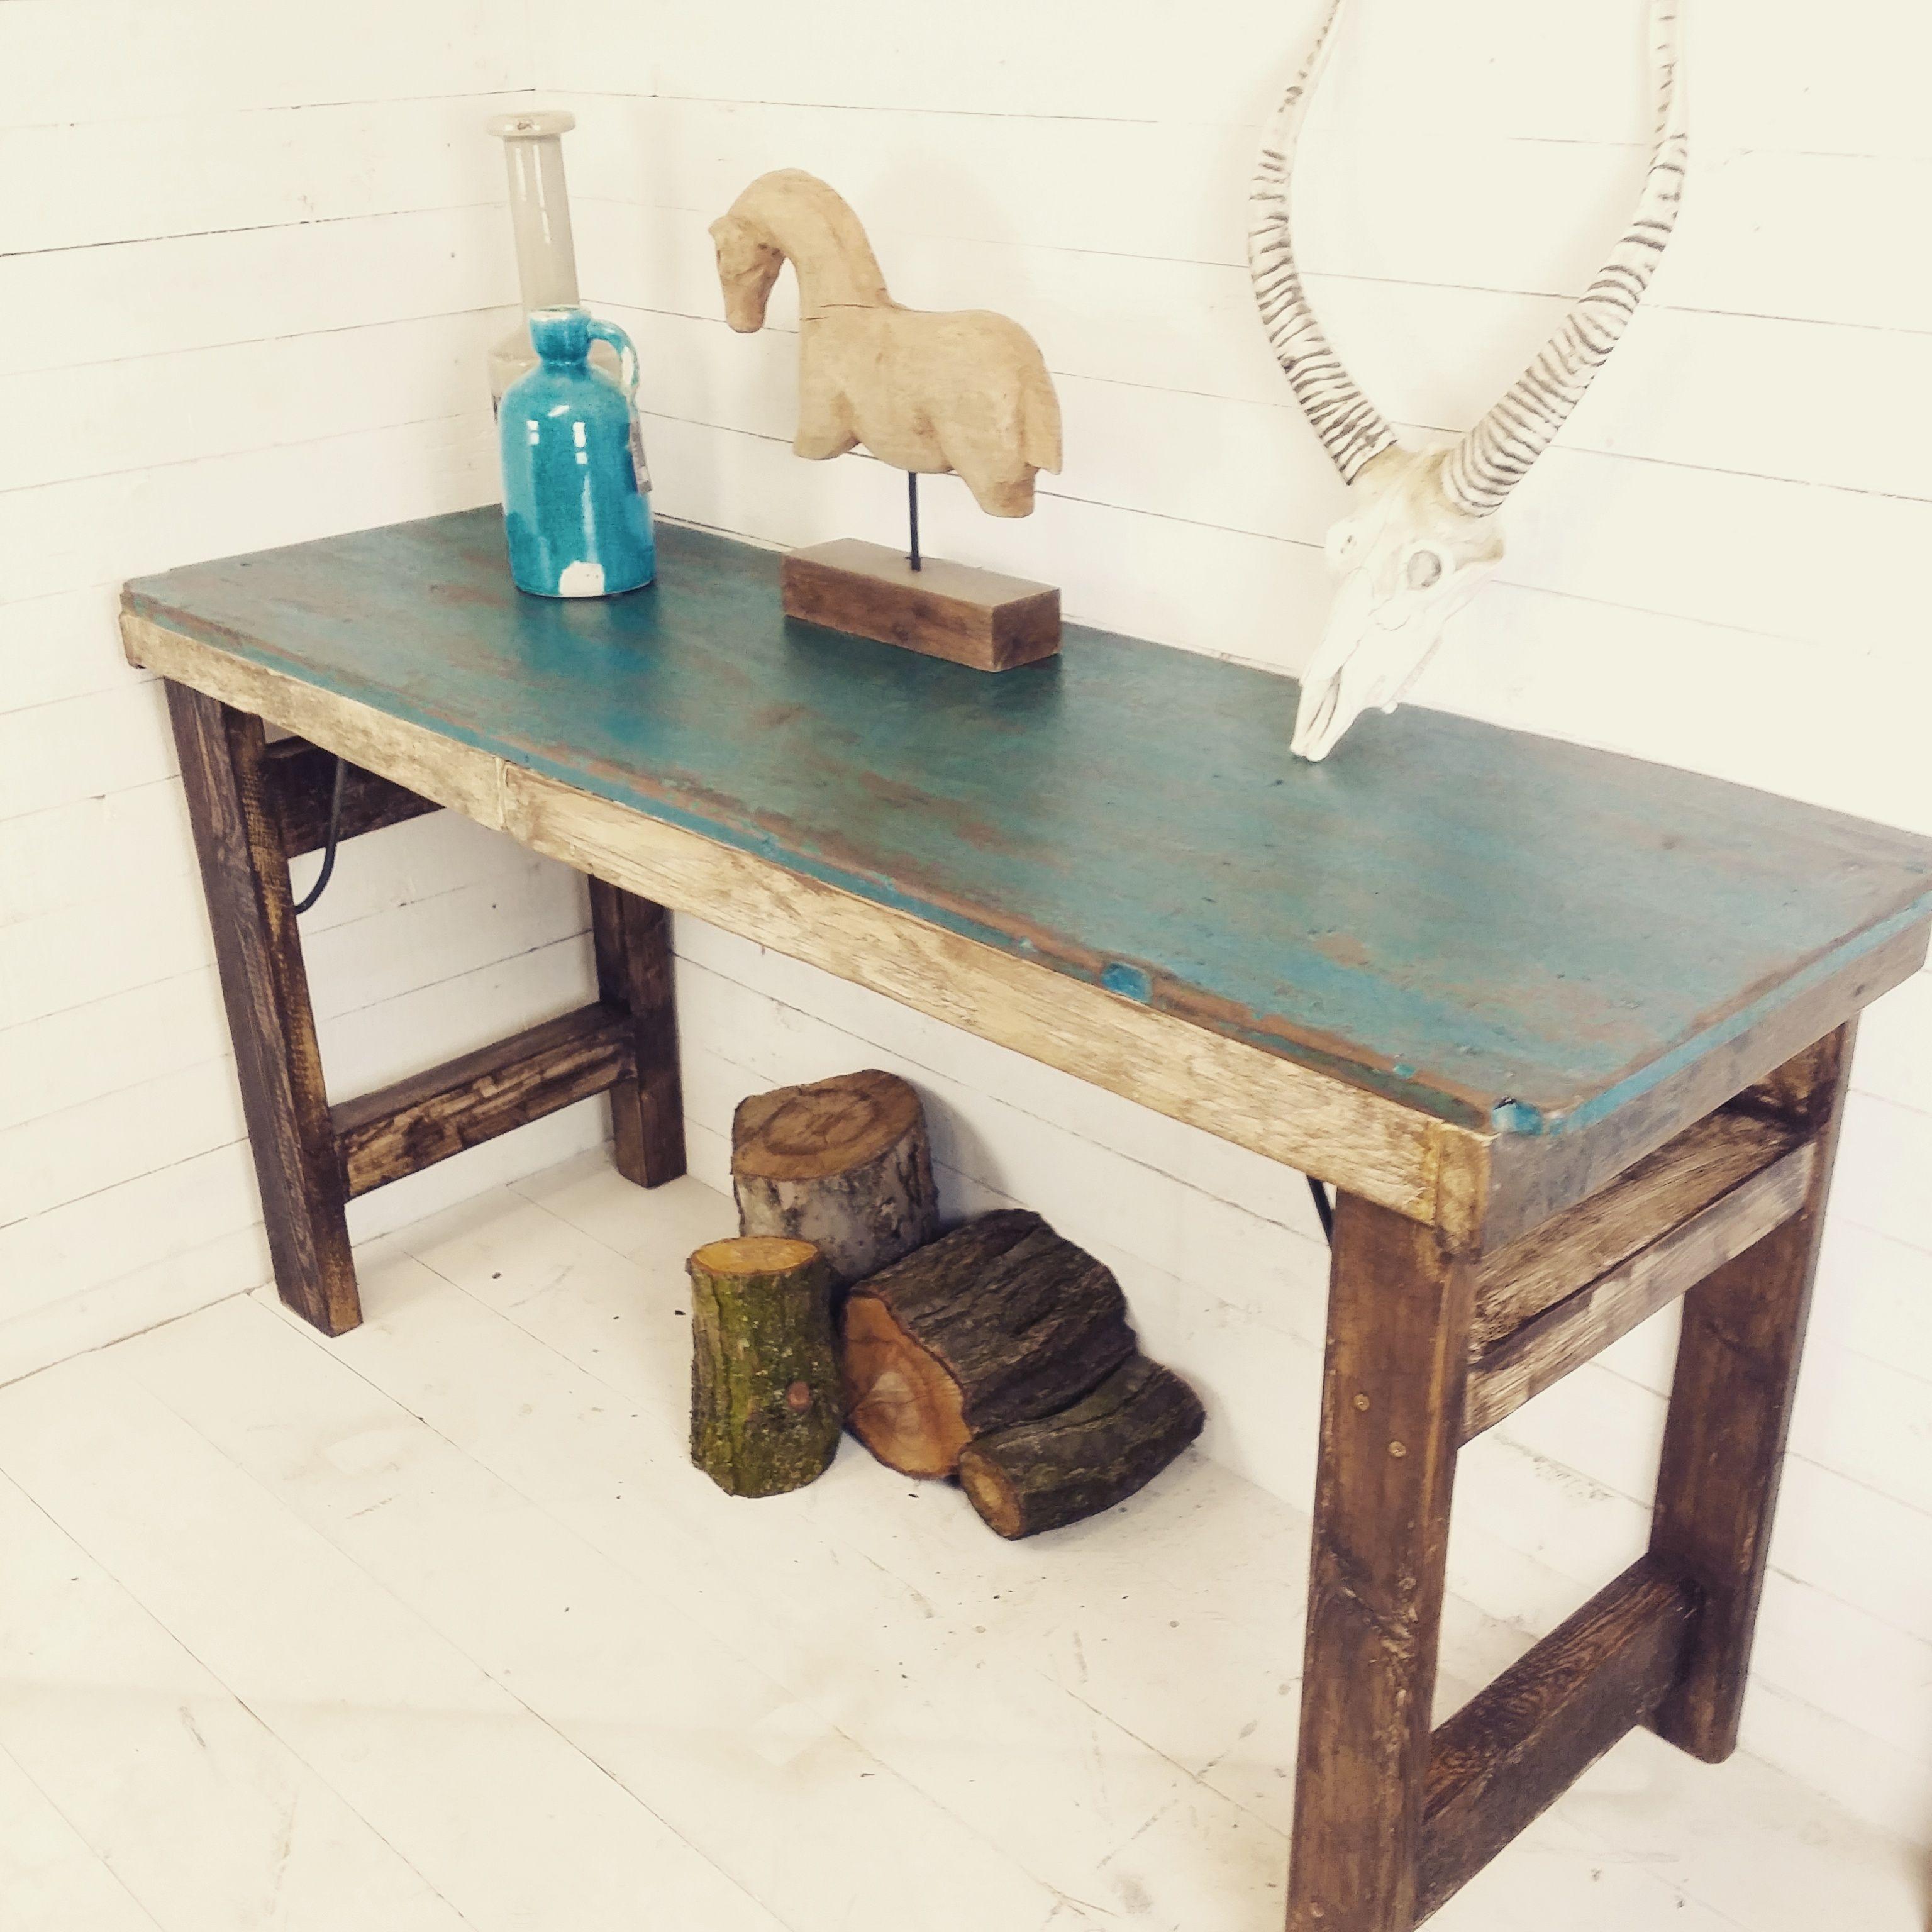 alter shabby Werktisch Toll als sideboard In Deustchland hergestellt s